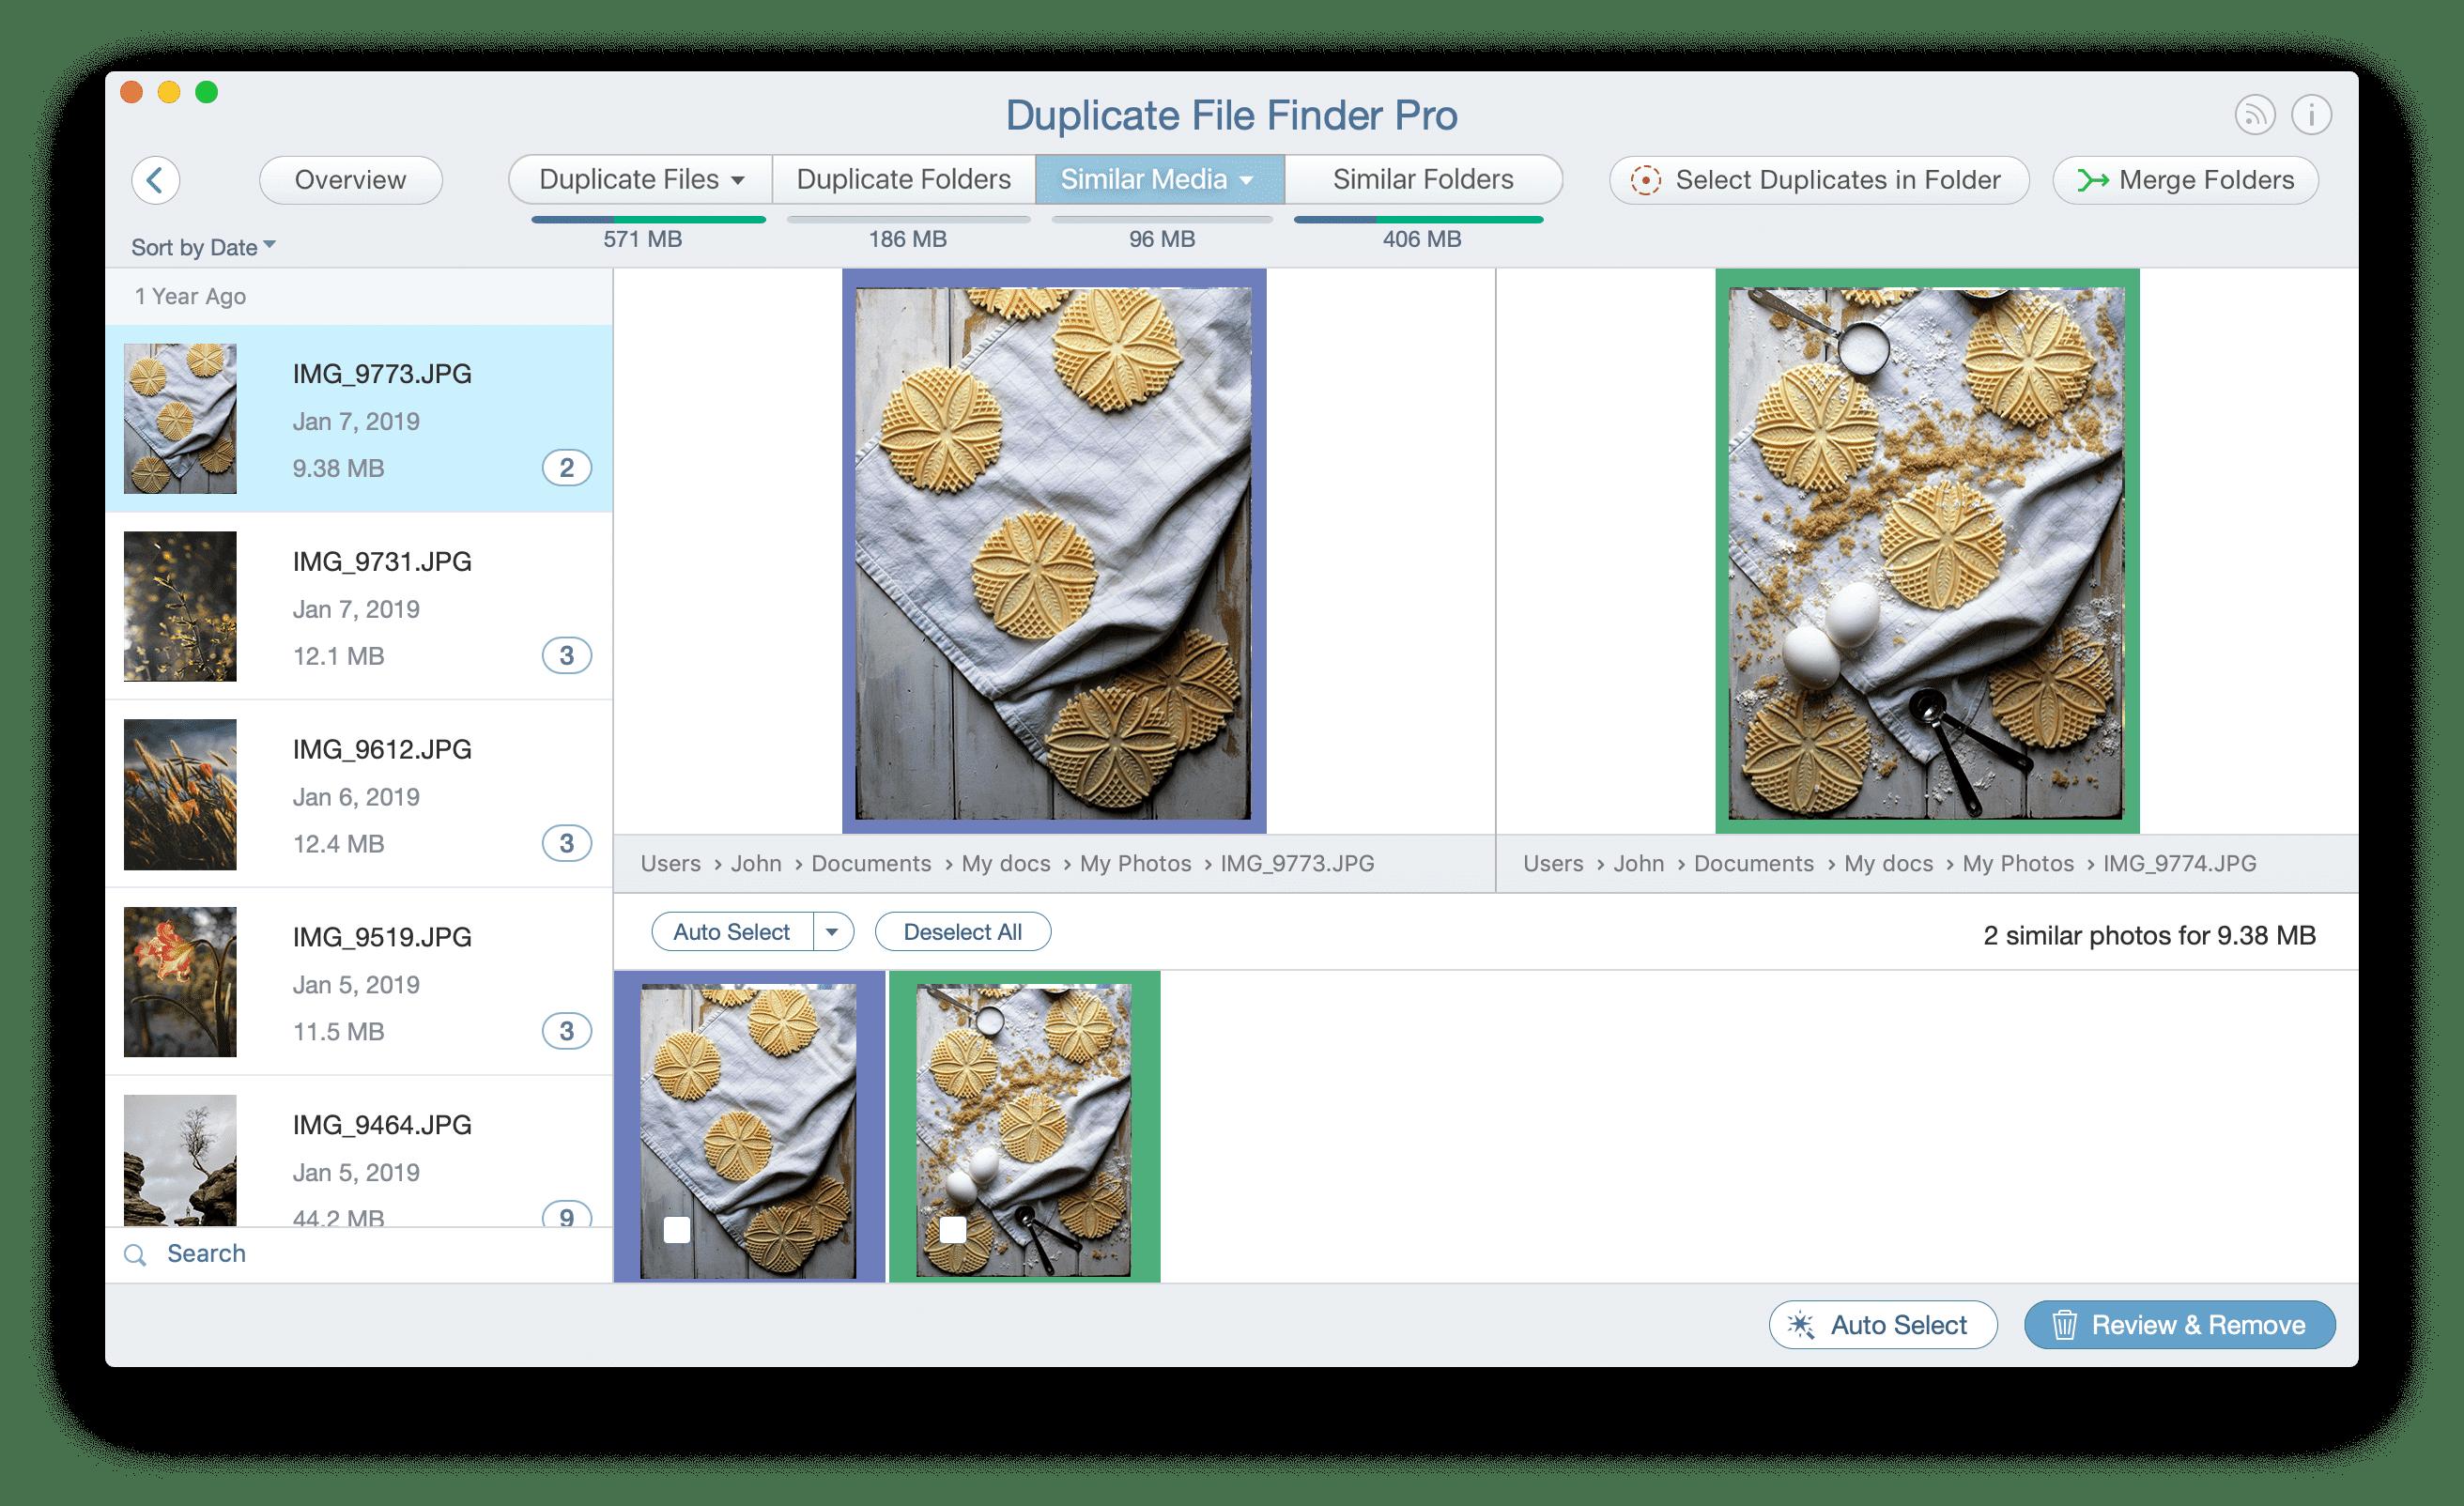 Similar Photos in Duplicate File Finder